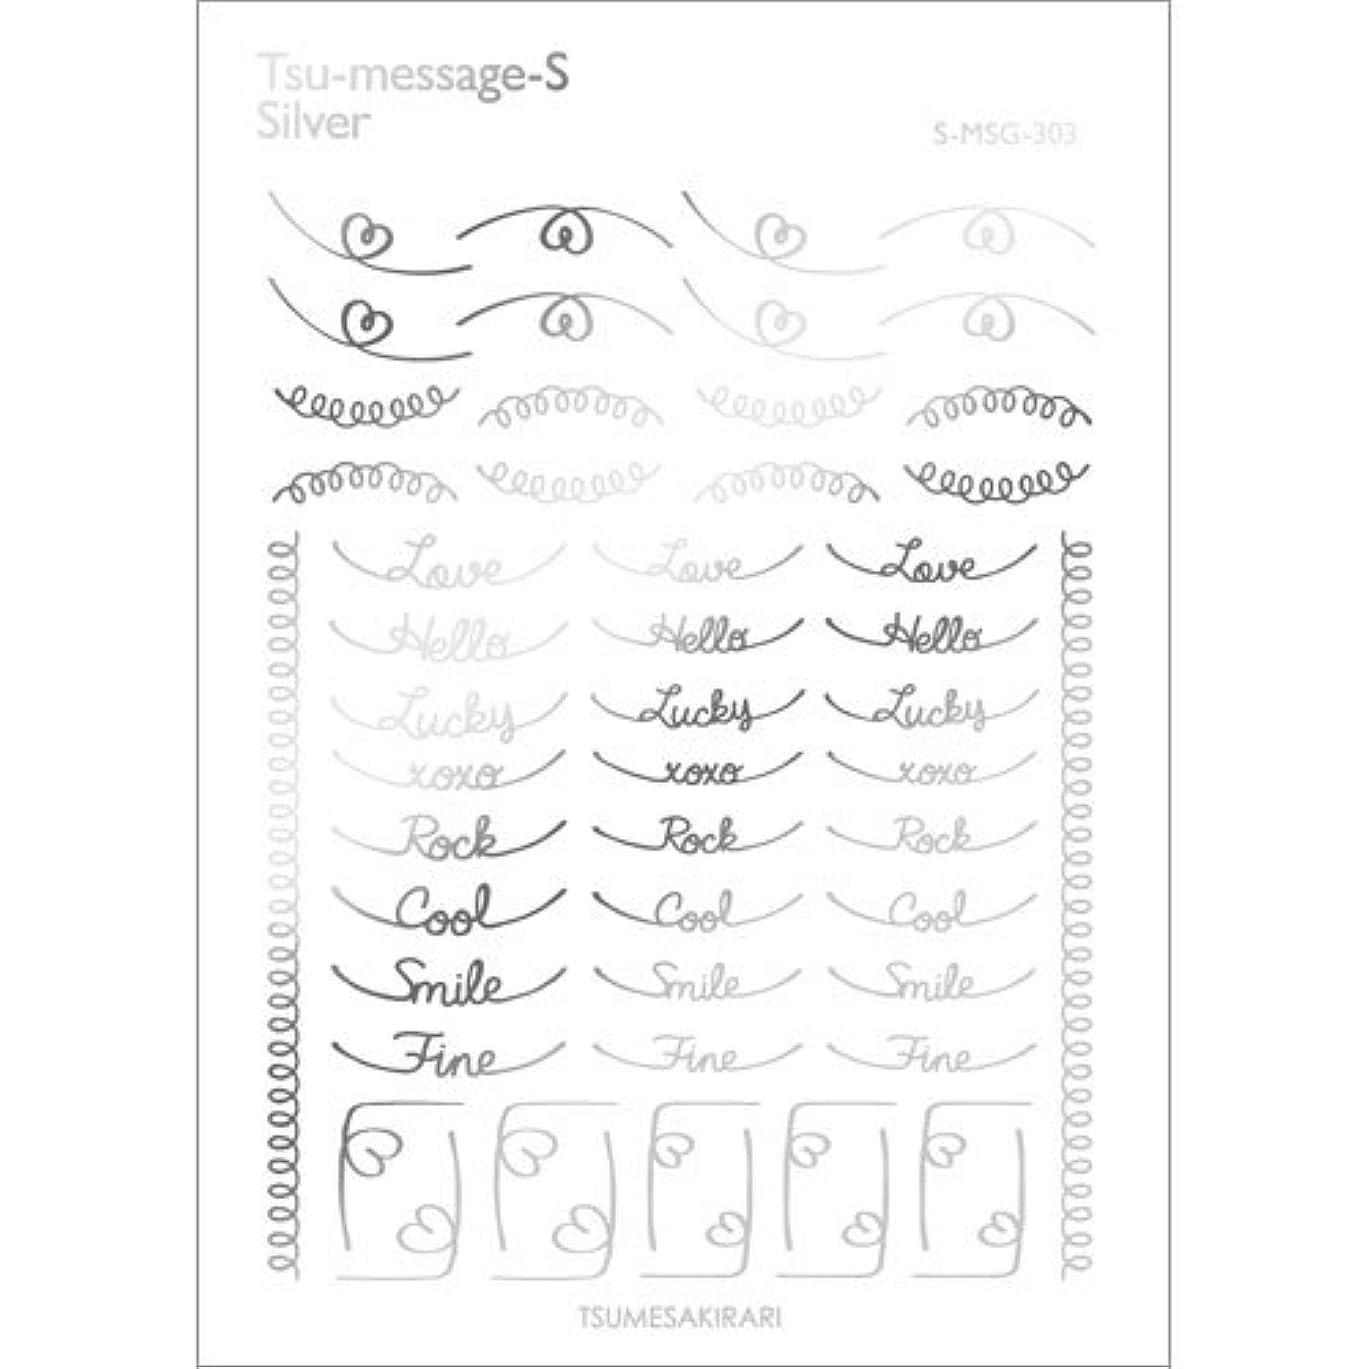 ツメキラ ネイル用シール スタンダードスタイル ツメッセージ シルバー